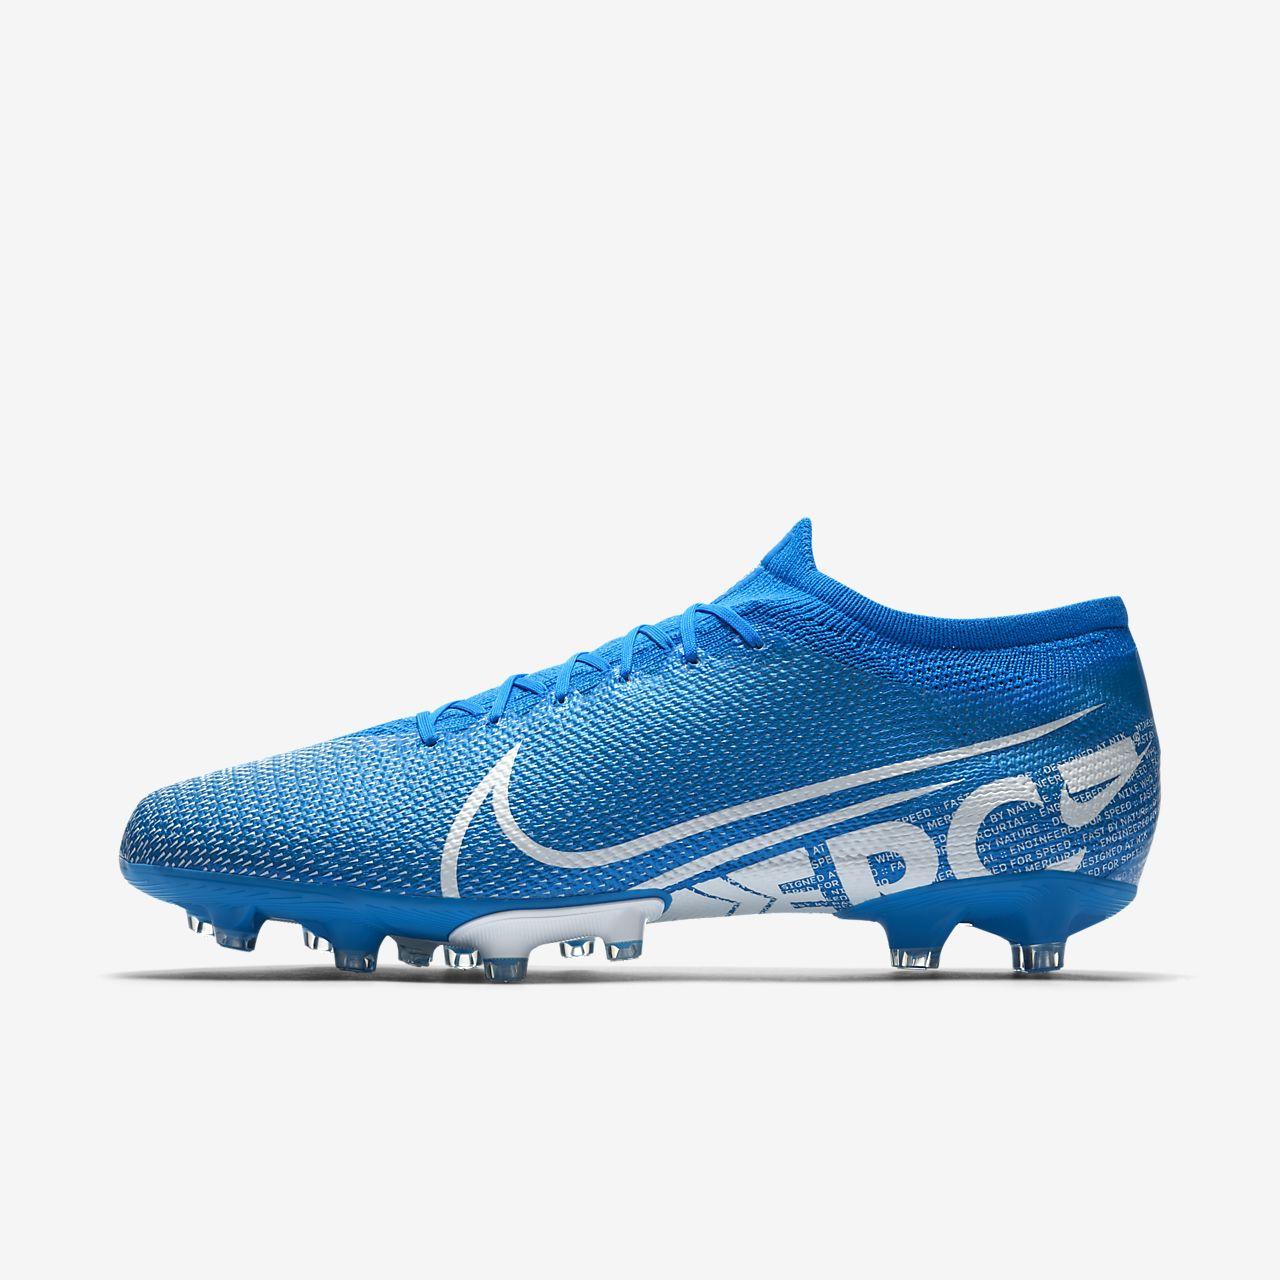 Calzado de fútbol para pasto artificial Nike Mercurial Vapor 13 AG-PRO